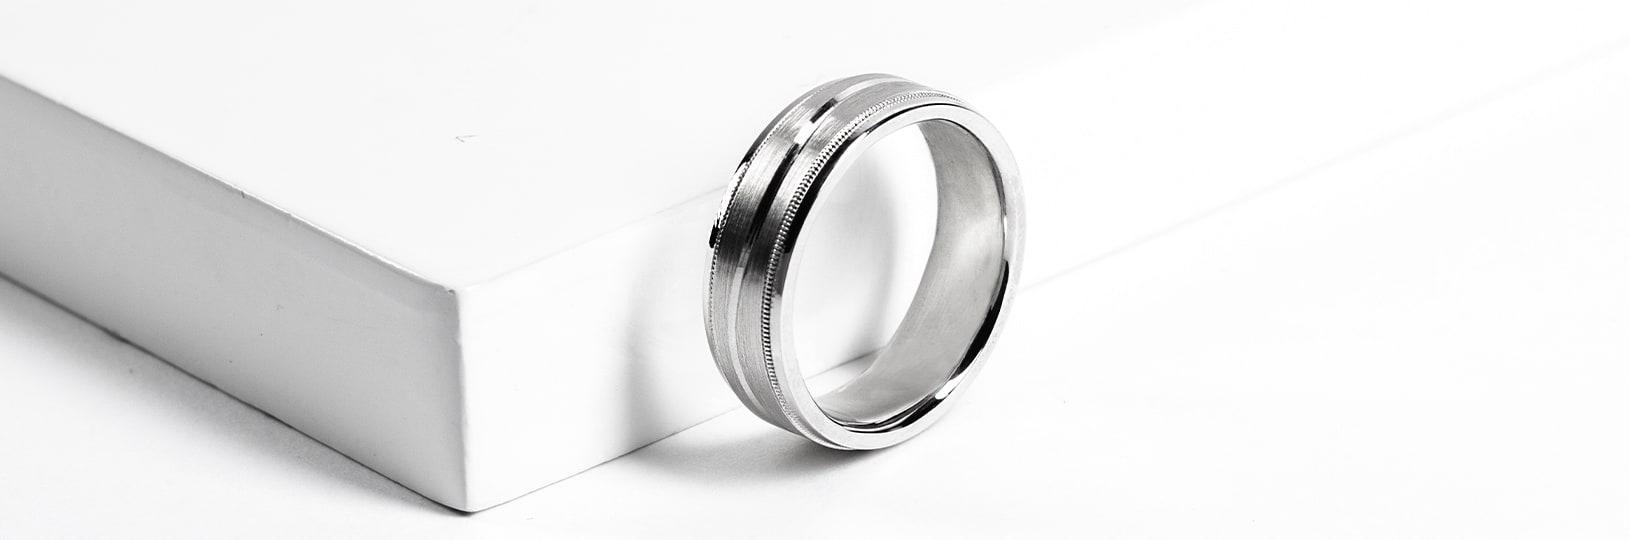 Men's tungsten wedding ring